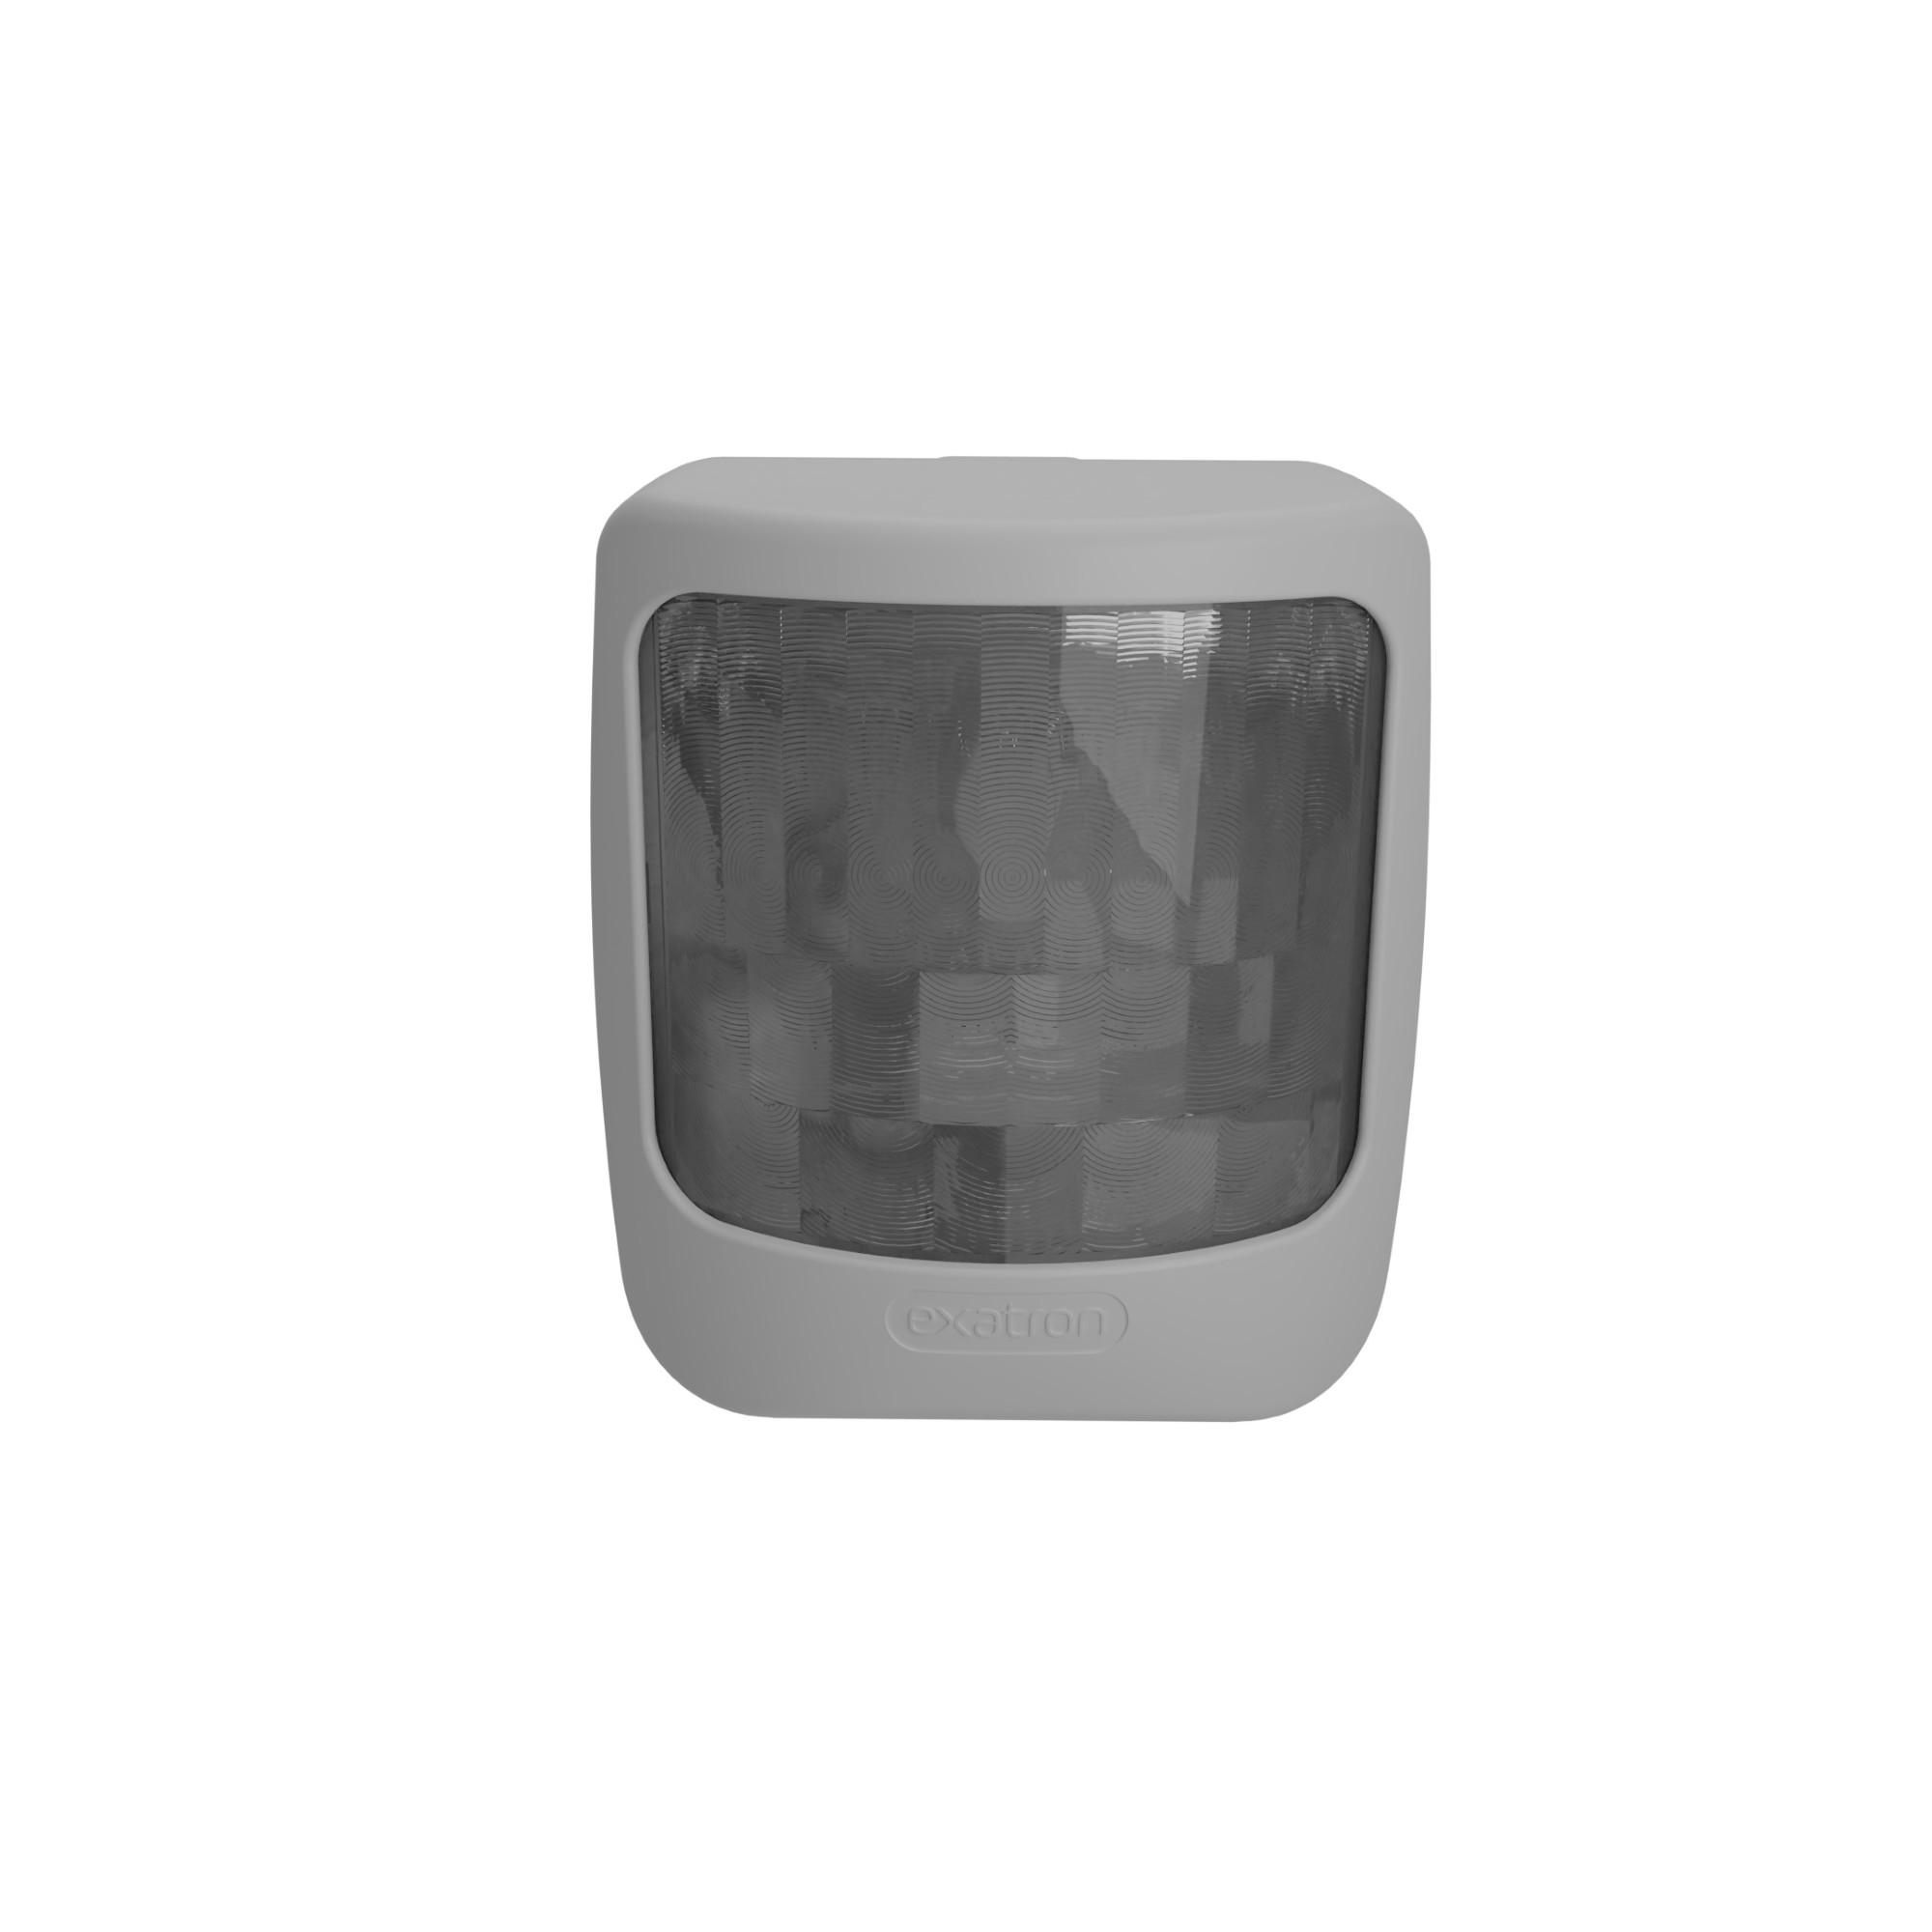 Sensor de Presenca de Sobrepor Frontal Infravermelho - LESF4000 XC - Exatron